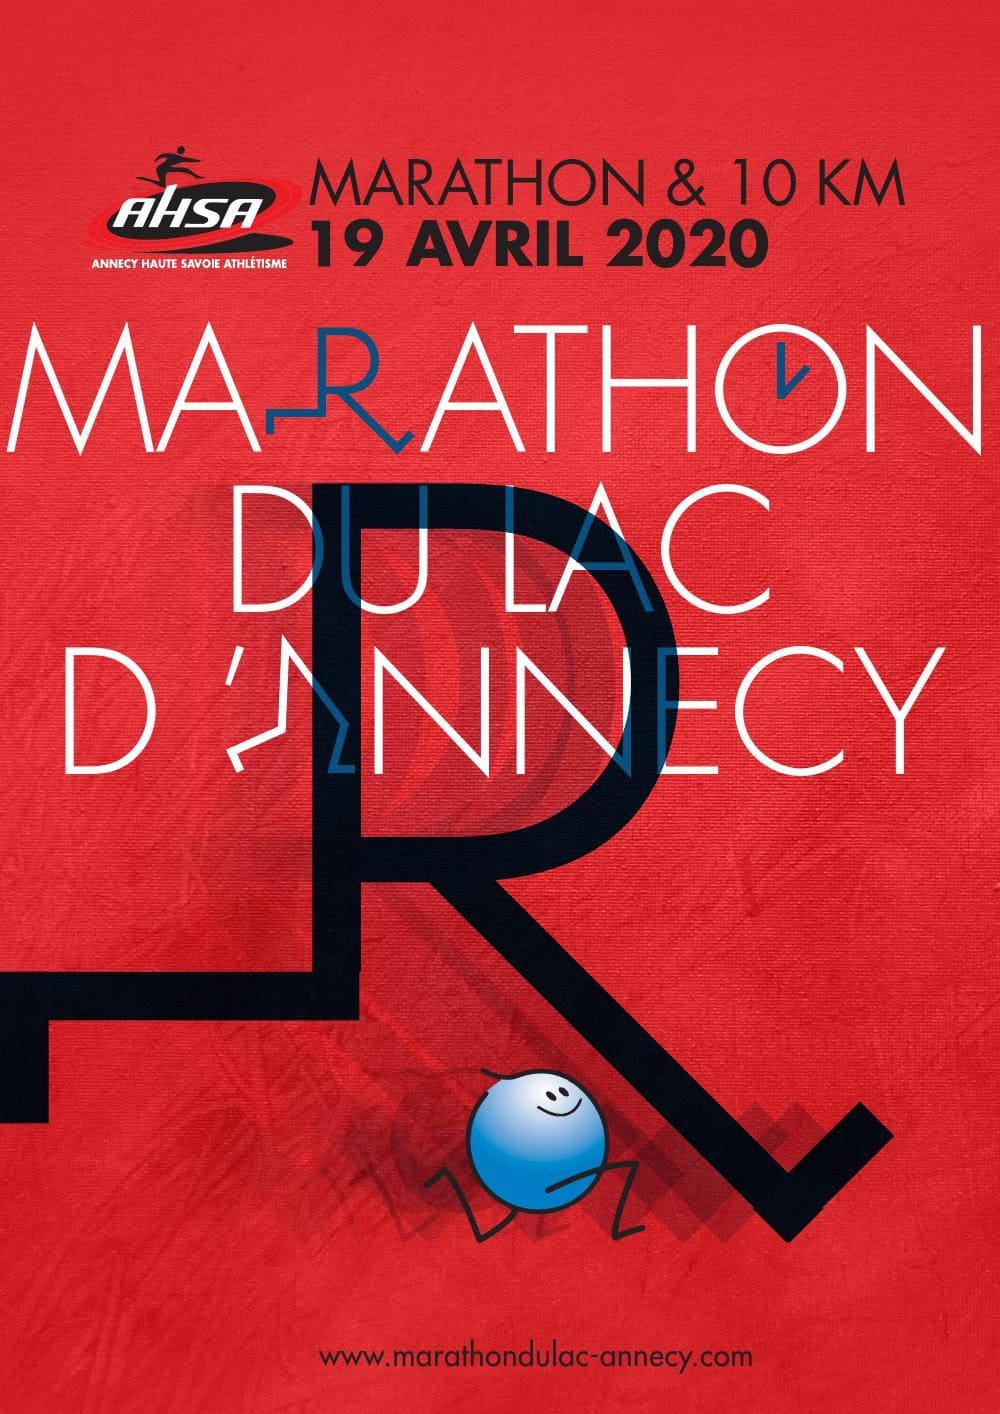 41st Annecy Lake marathon